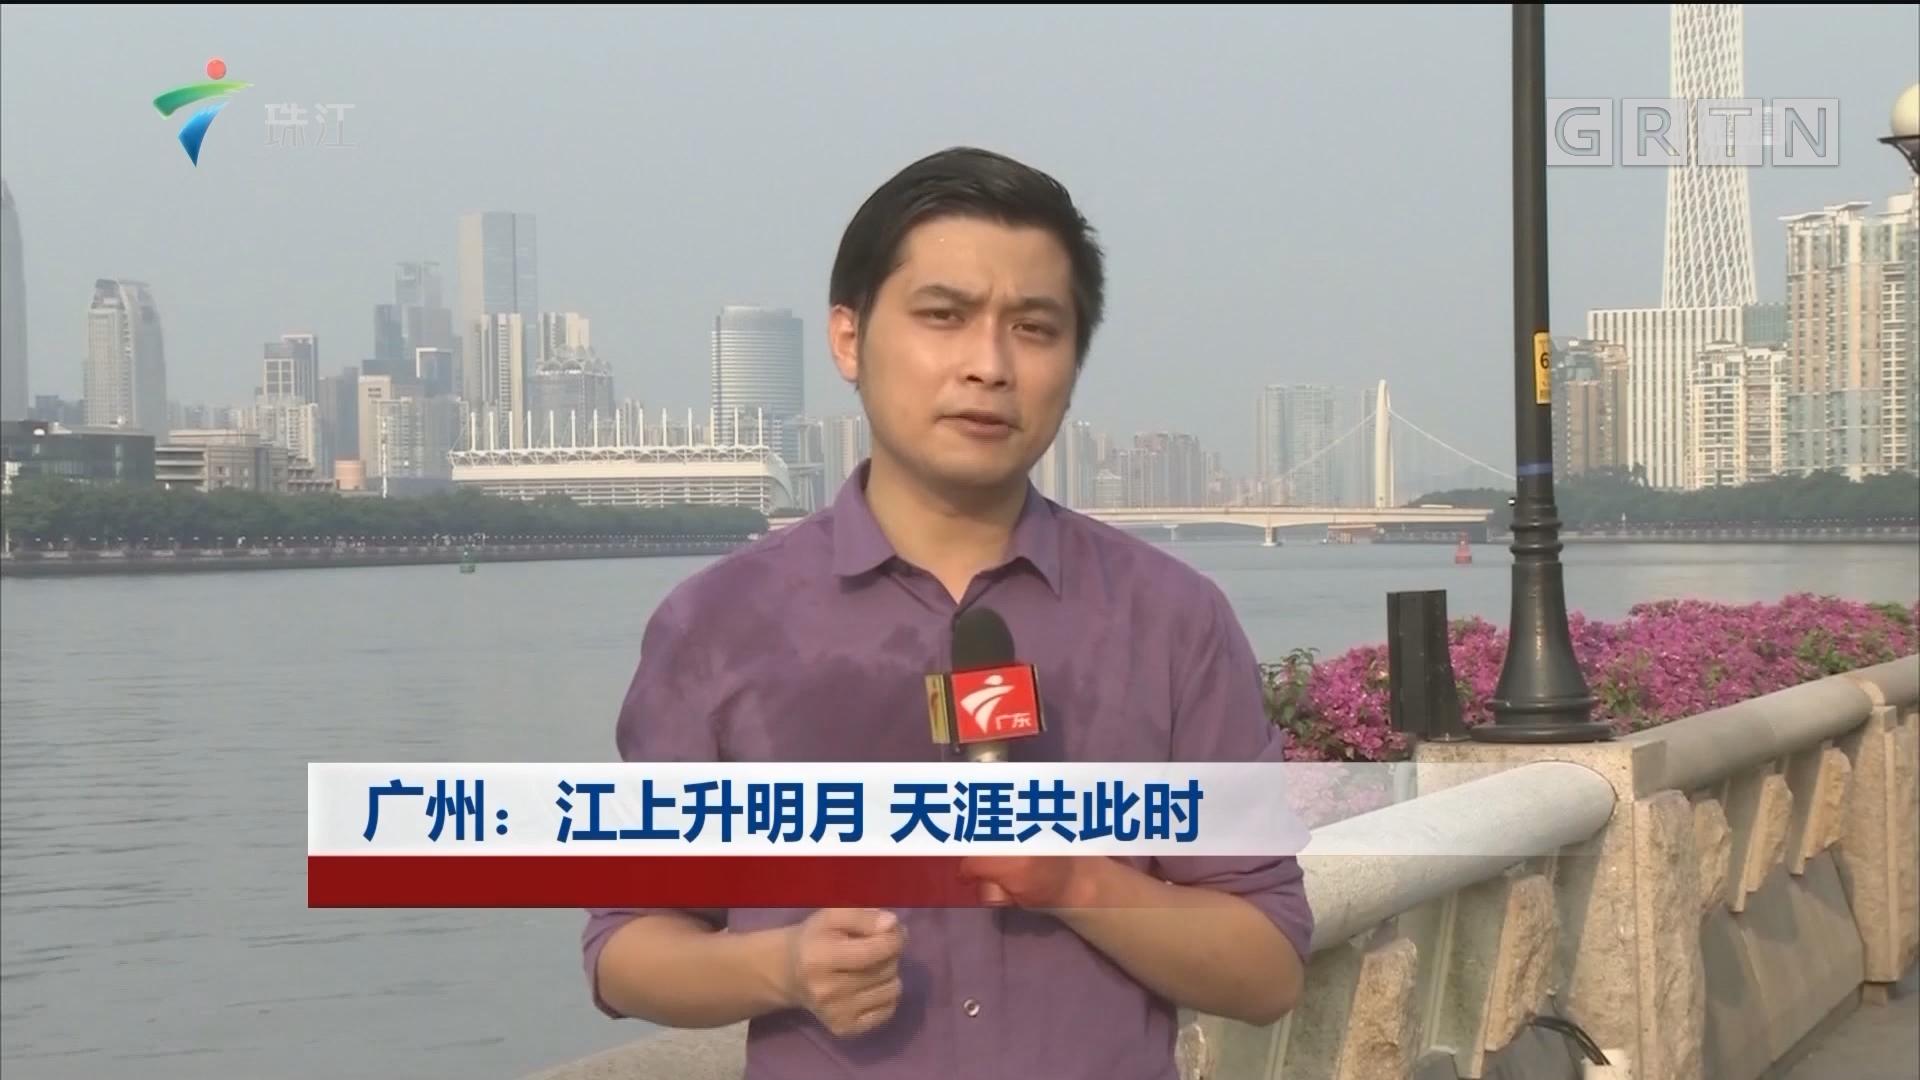 广州:江上升明月 天涯共此时